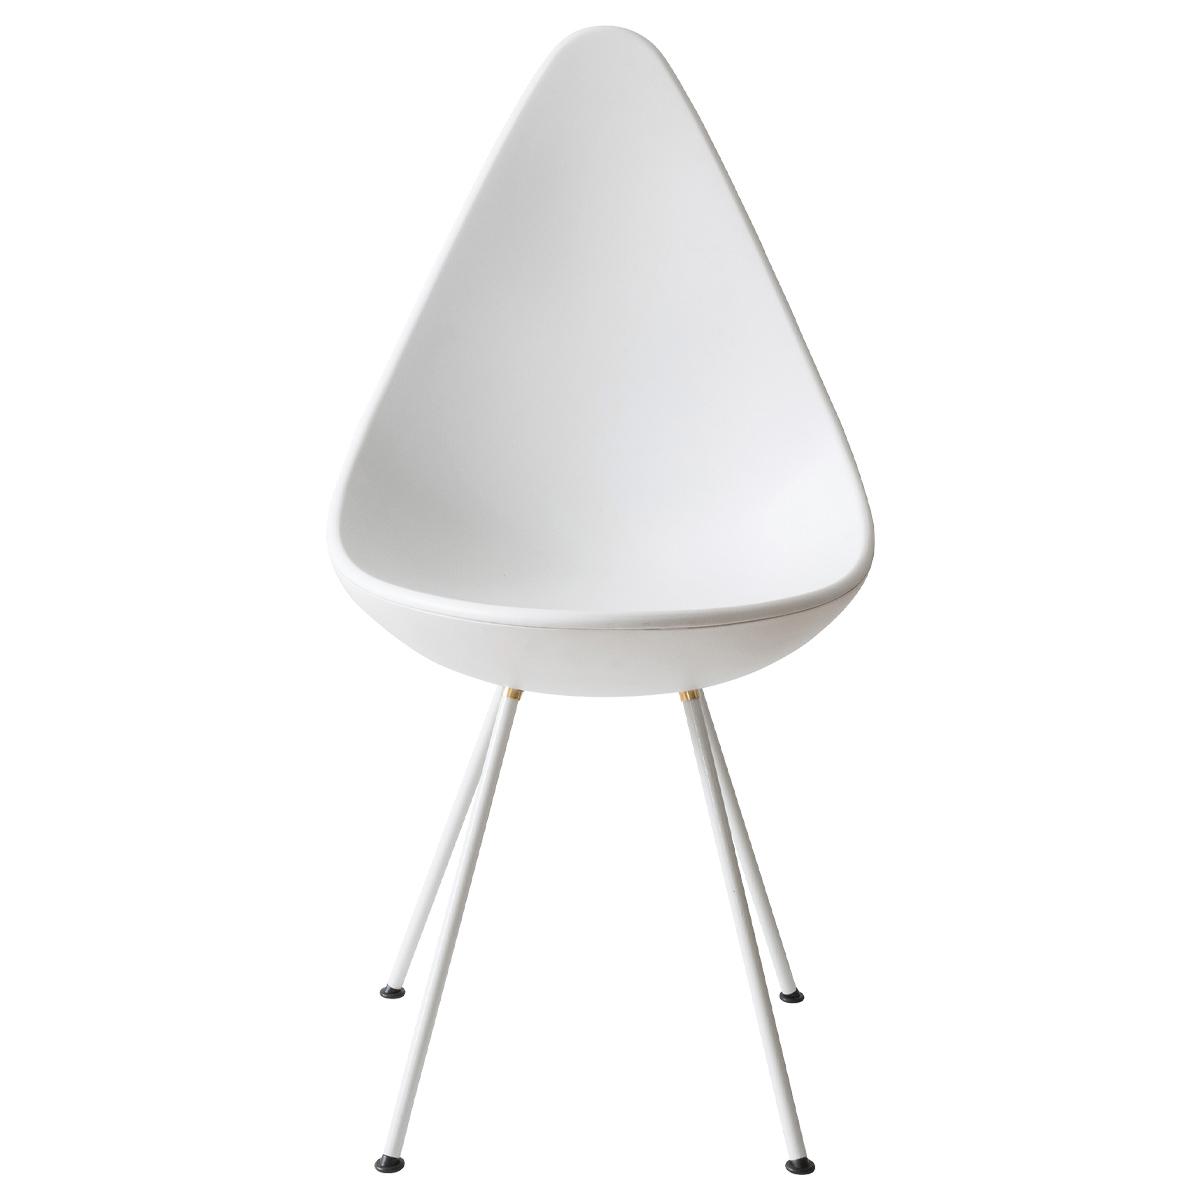 オフィス用ドロップ型デザインチェア W450 D560 H870 ホワイト チェア ミーティングチェア 4本足